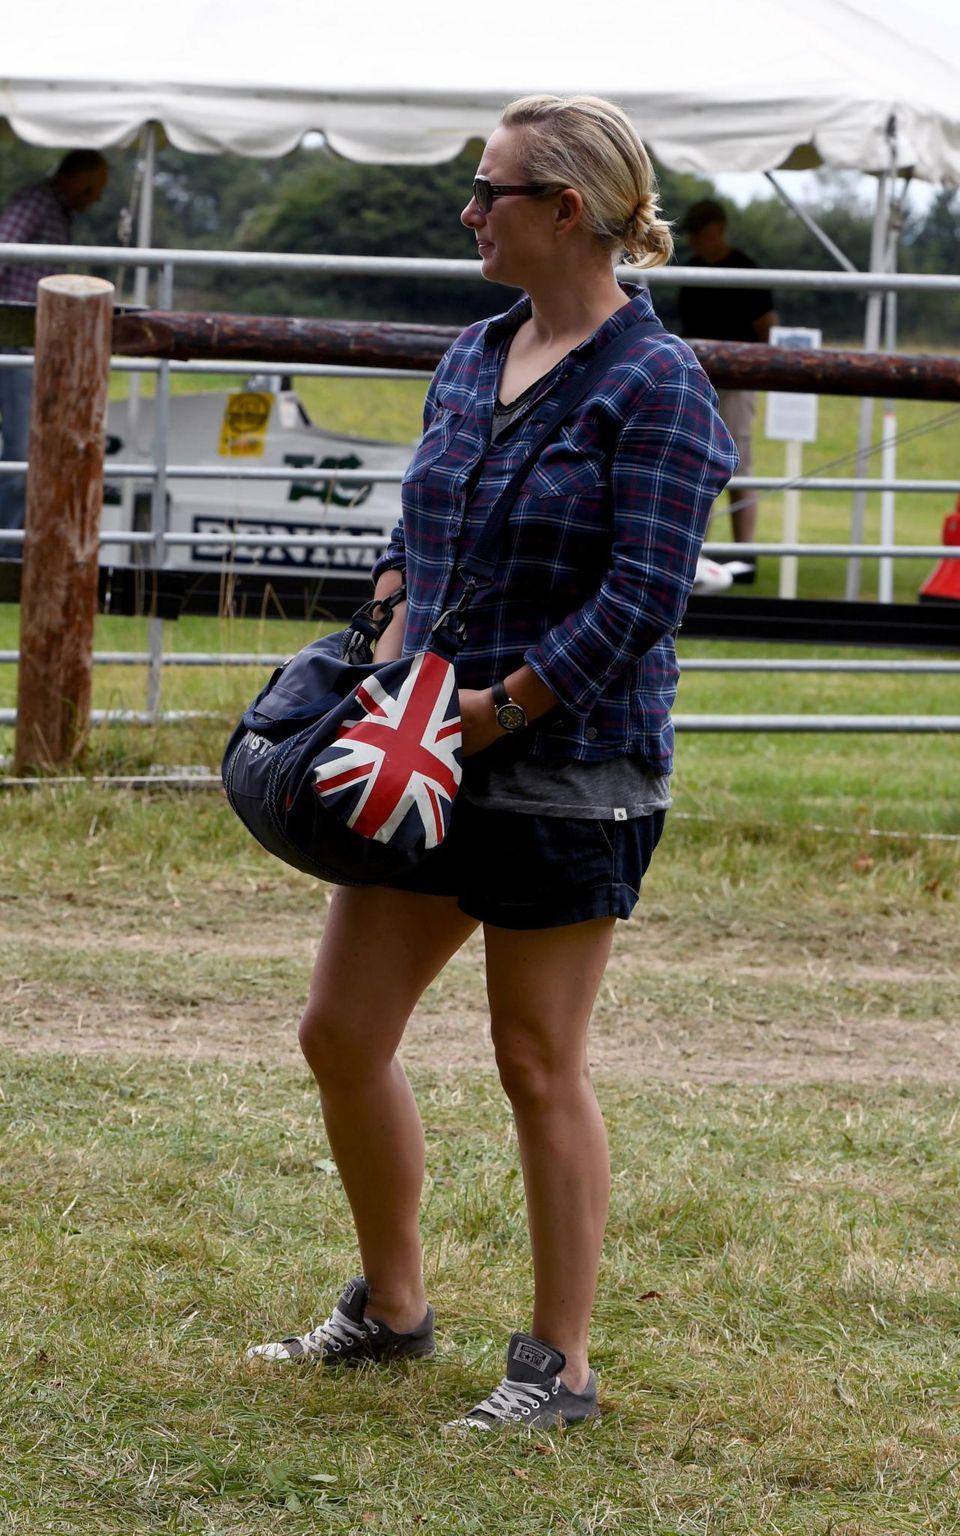 18. September 2016: Zara Tindall zeigt als Gast bei einem Pferderennen Nationalstolz auf ihrer Tasche mit Union Jack. Oma Elizabeth würde es bestimmt gefallen.